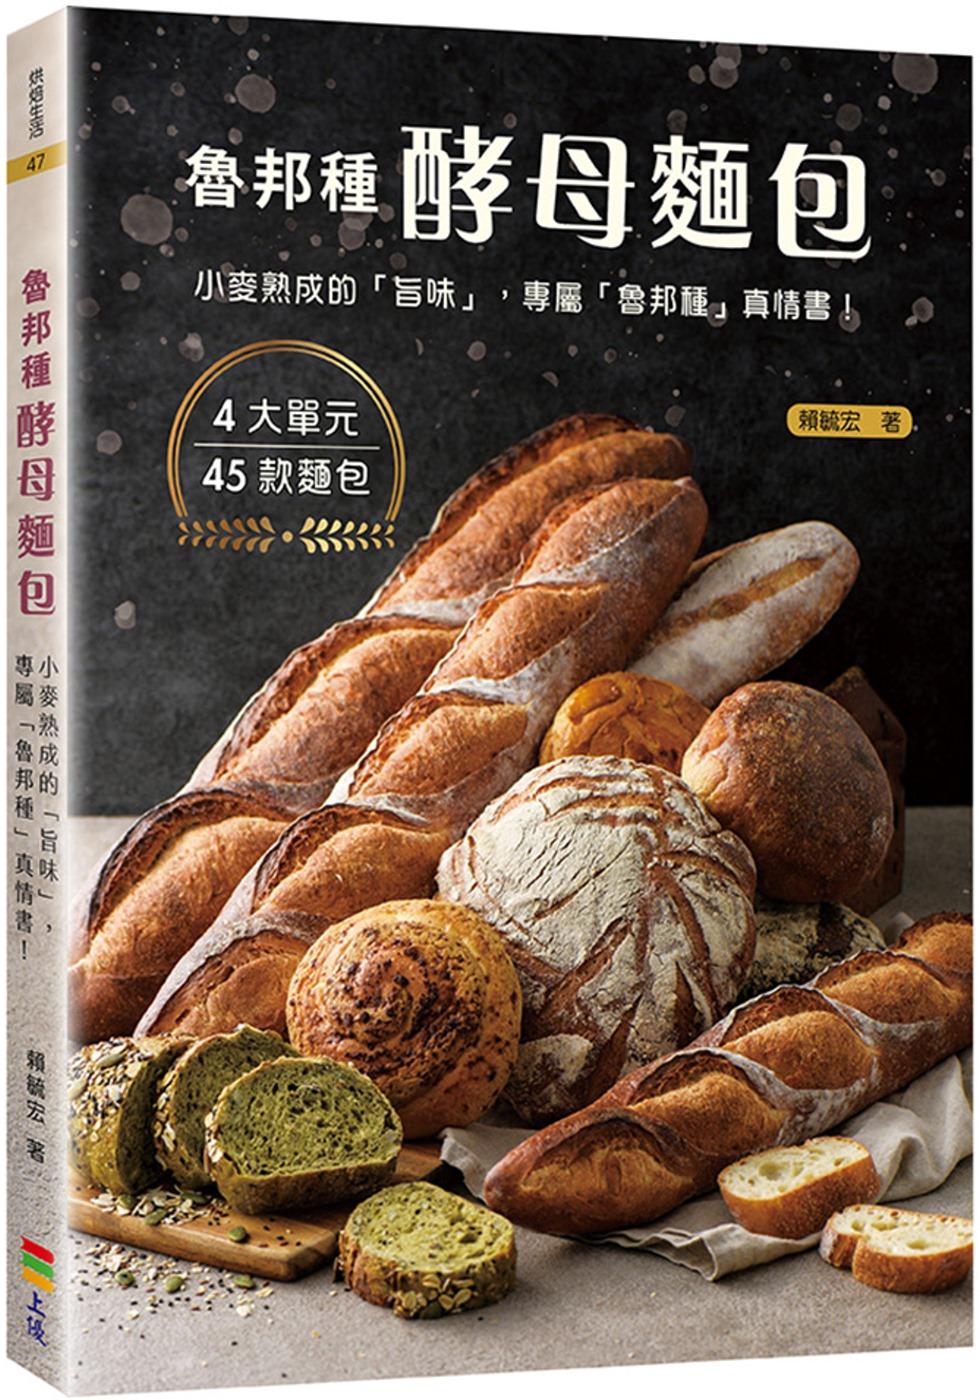 魯邦種酵母麵包:小麥熟成的「旨...